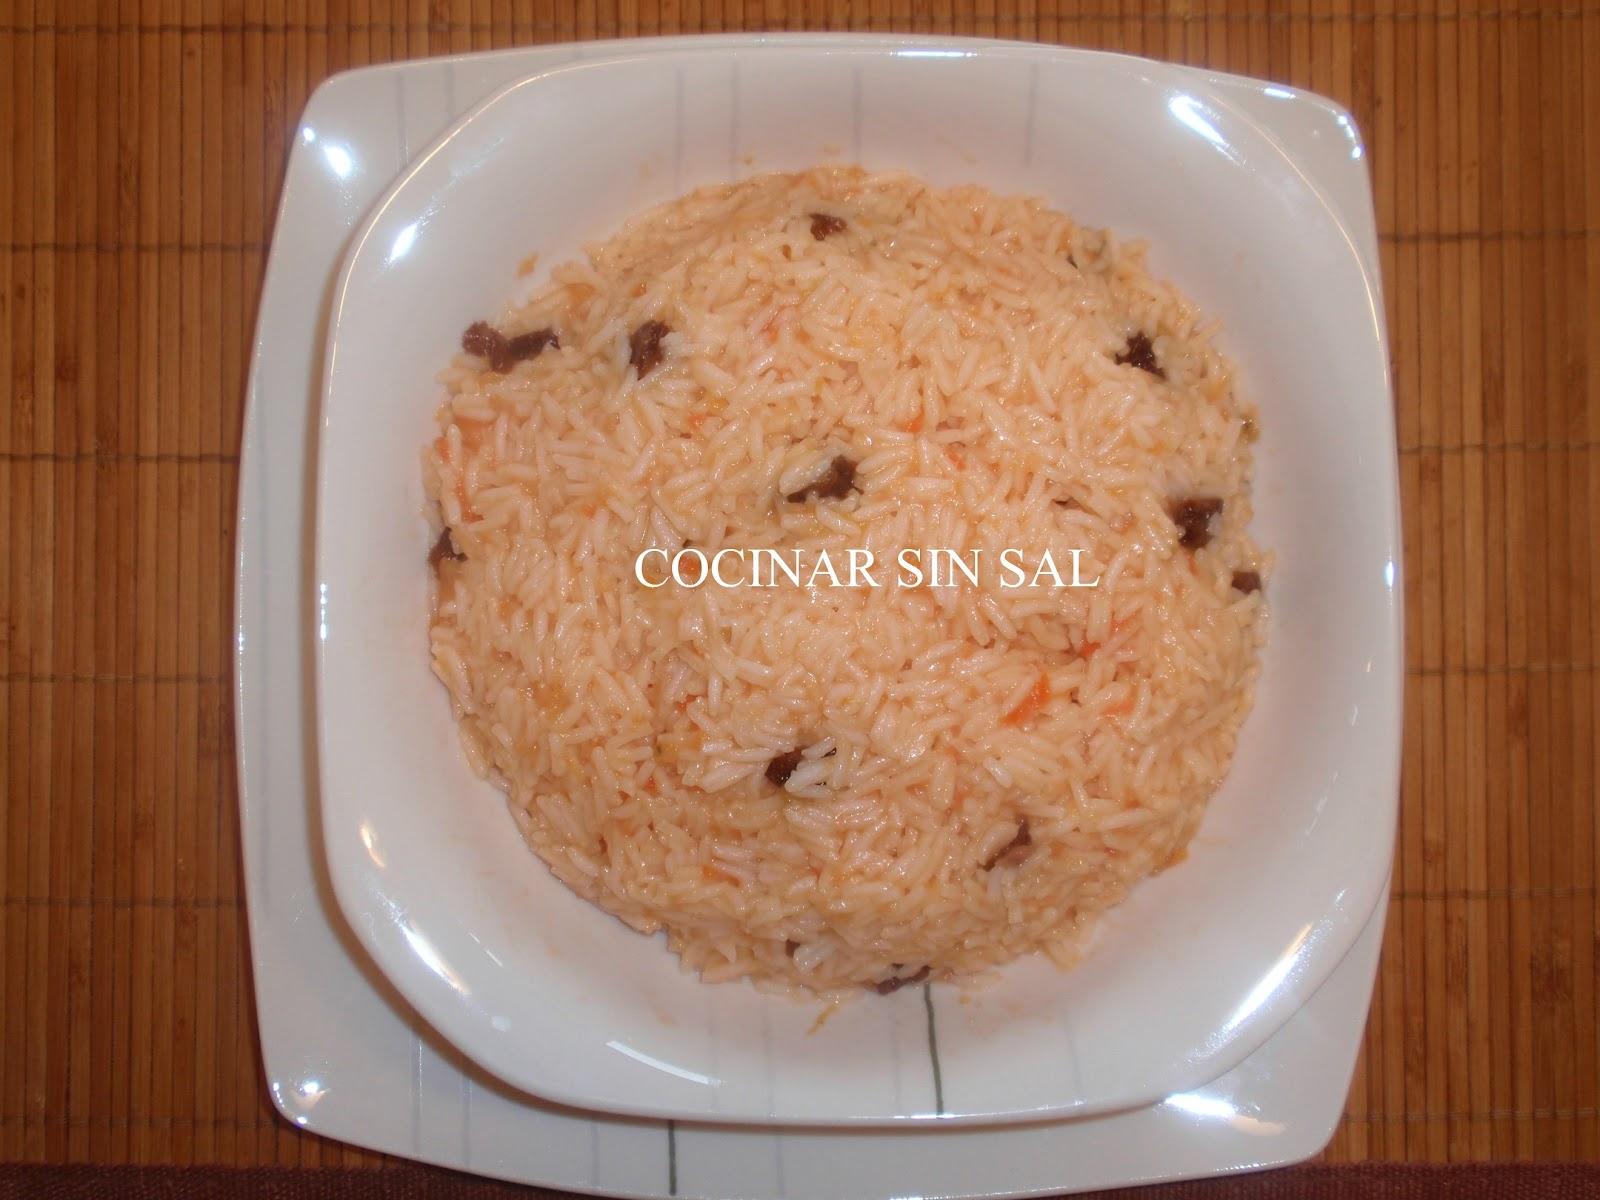 Cocinar sin sal arroz con tomate y uvas pasas sin sal - Cocinar sin sal ...